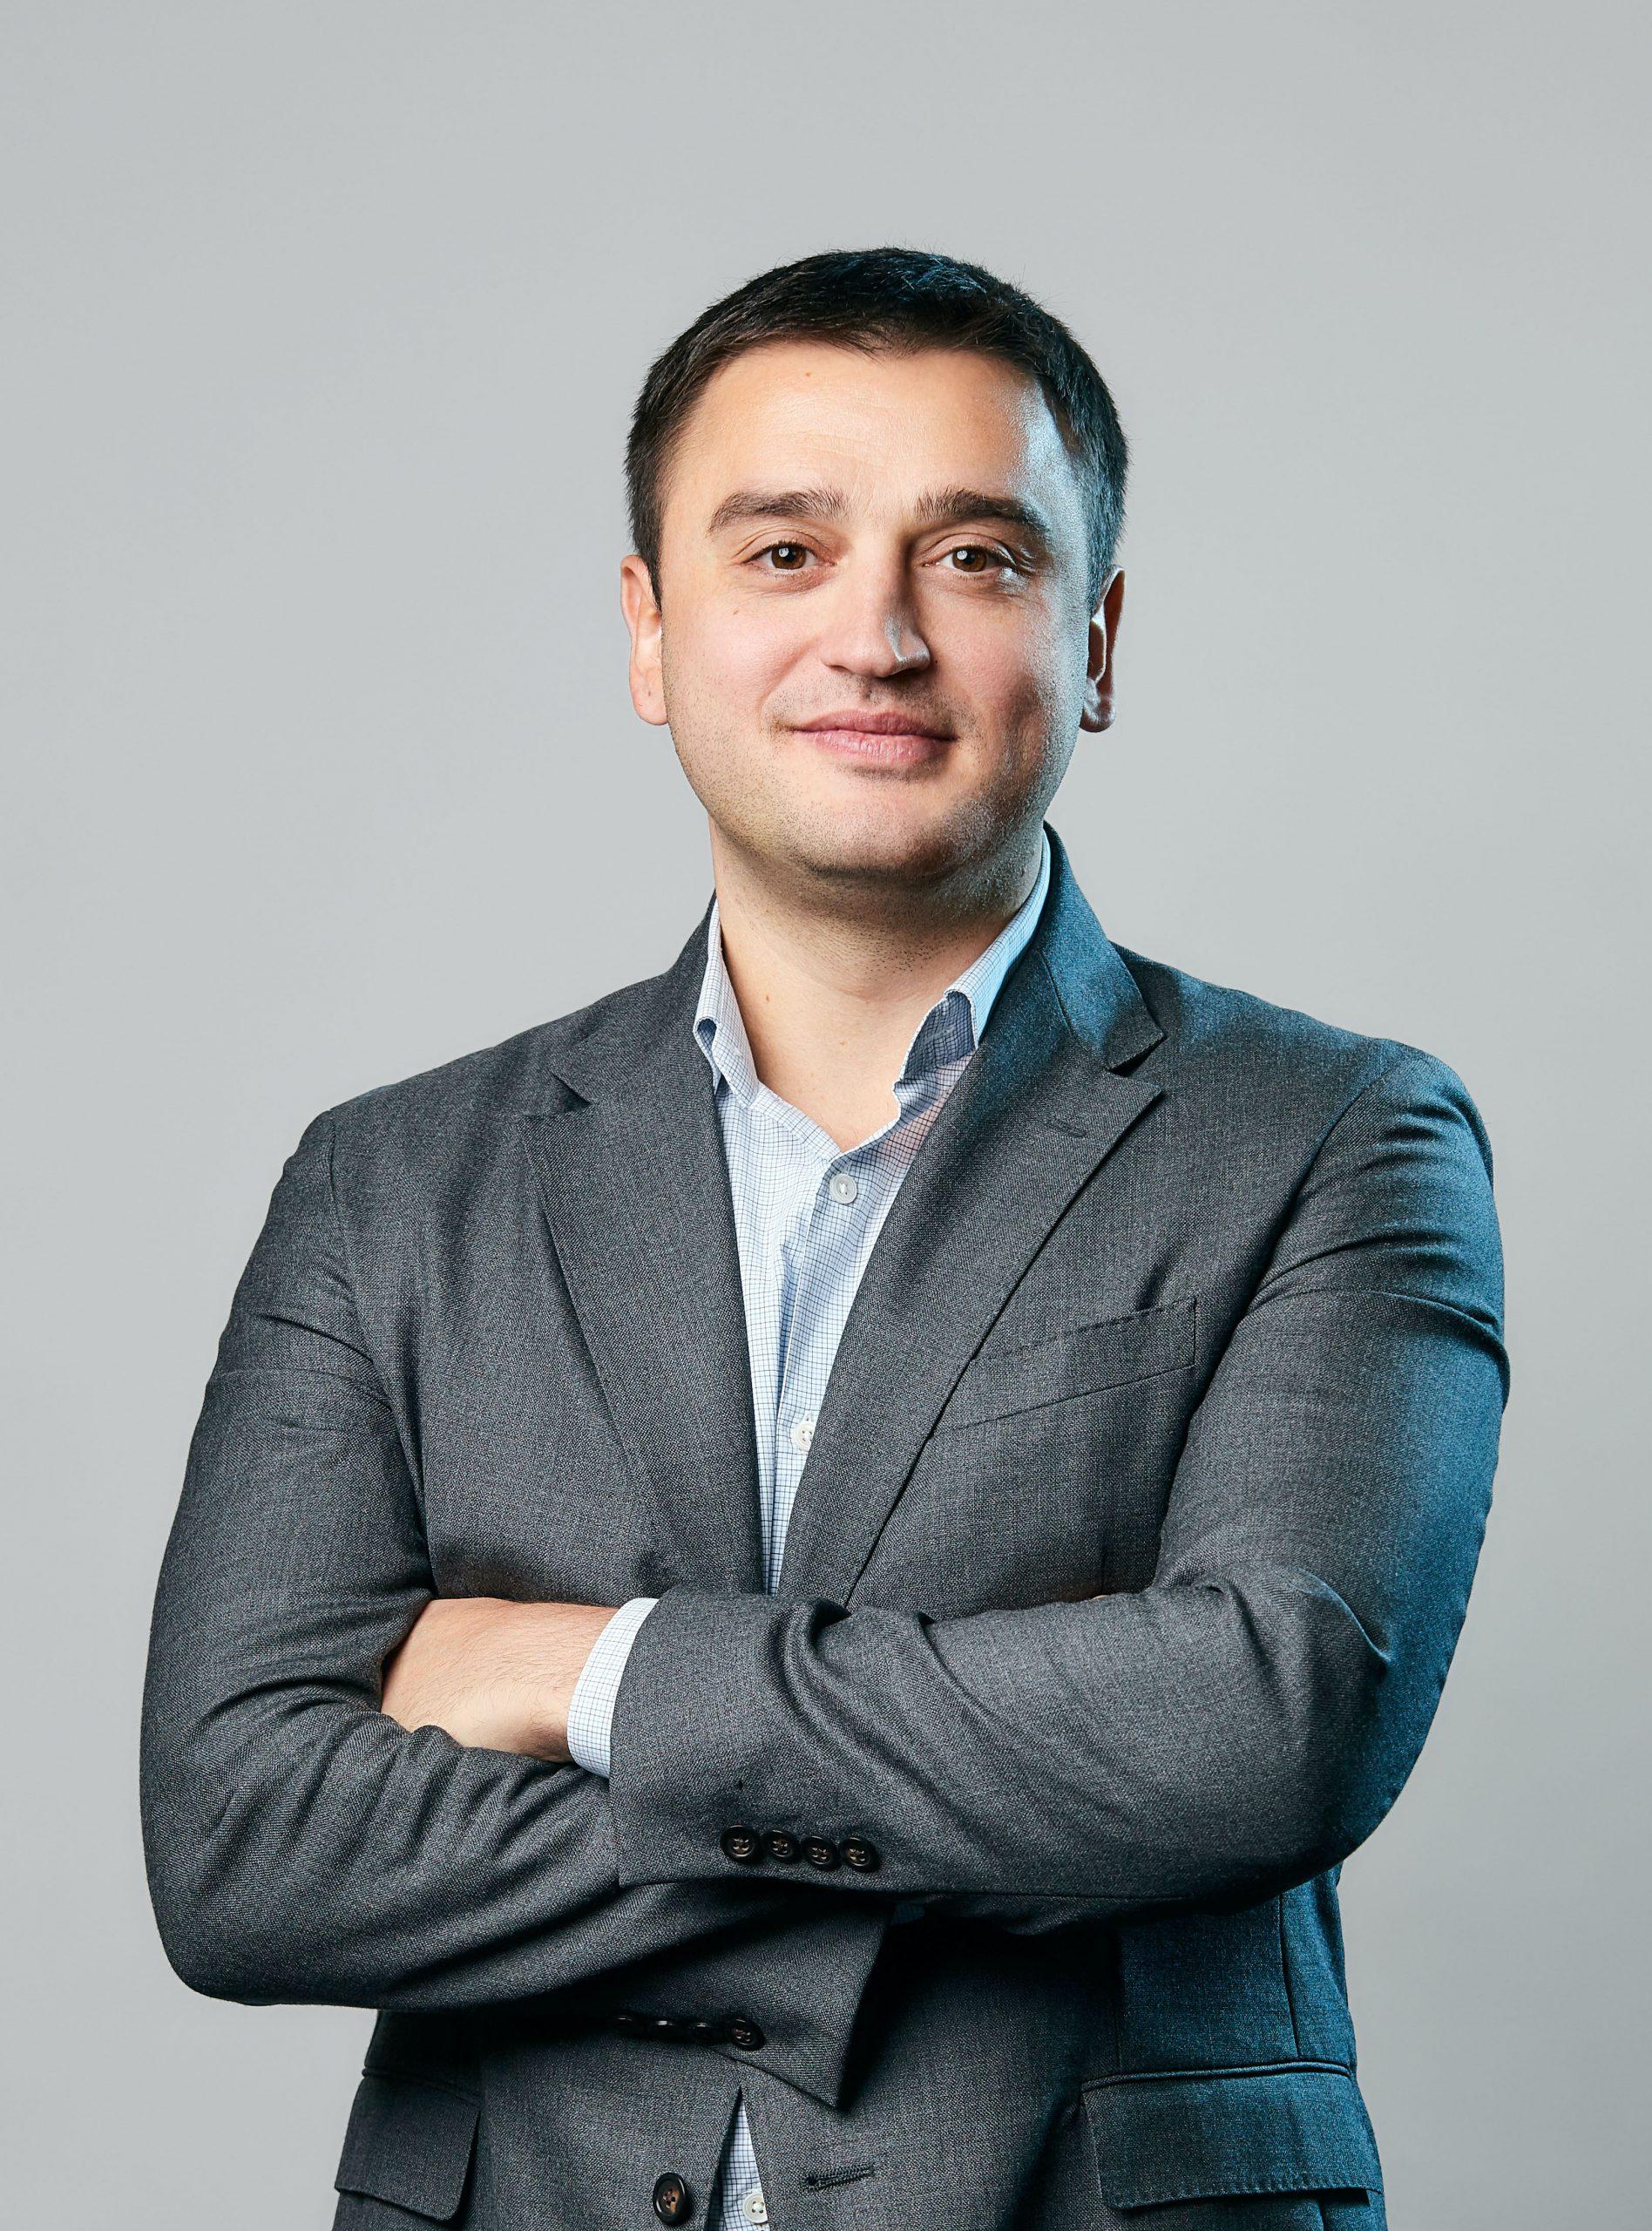 Oleksandr Bornyakov